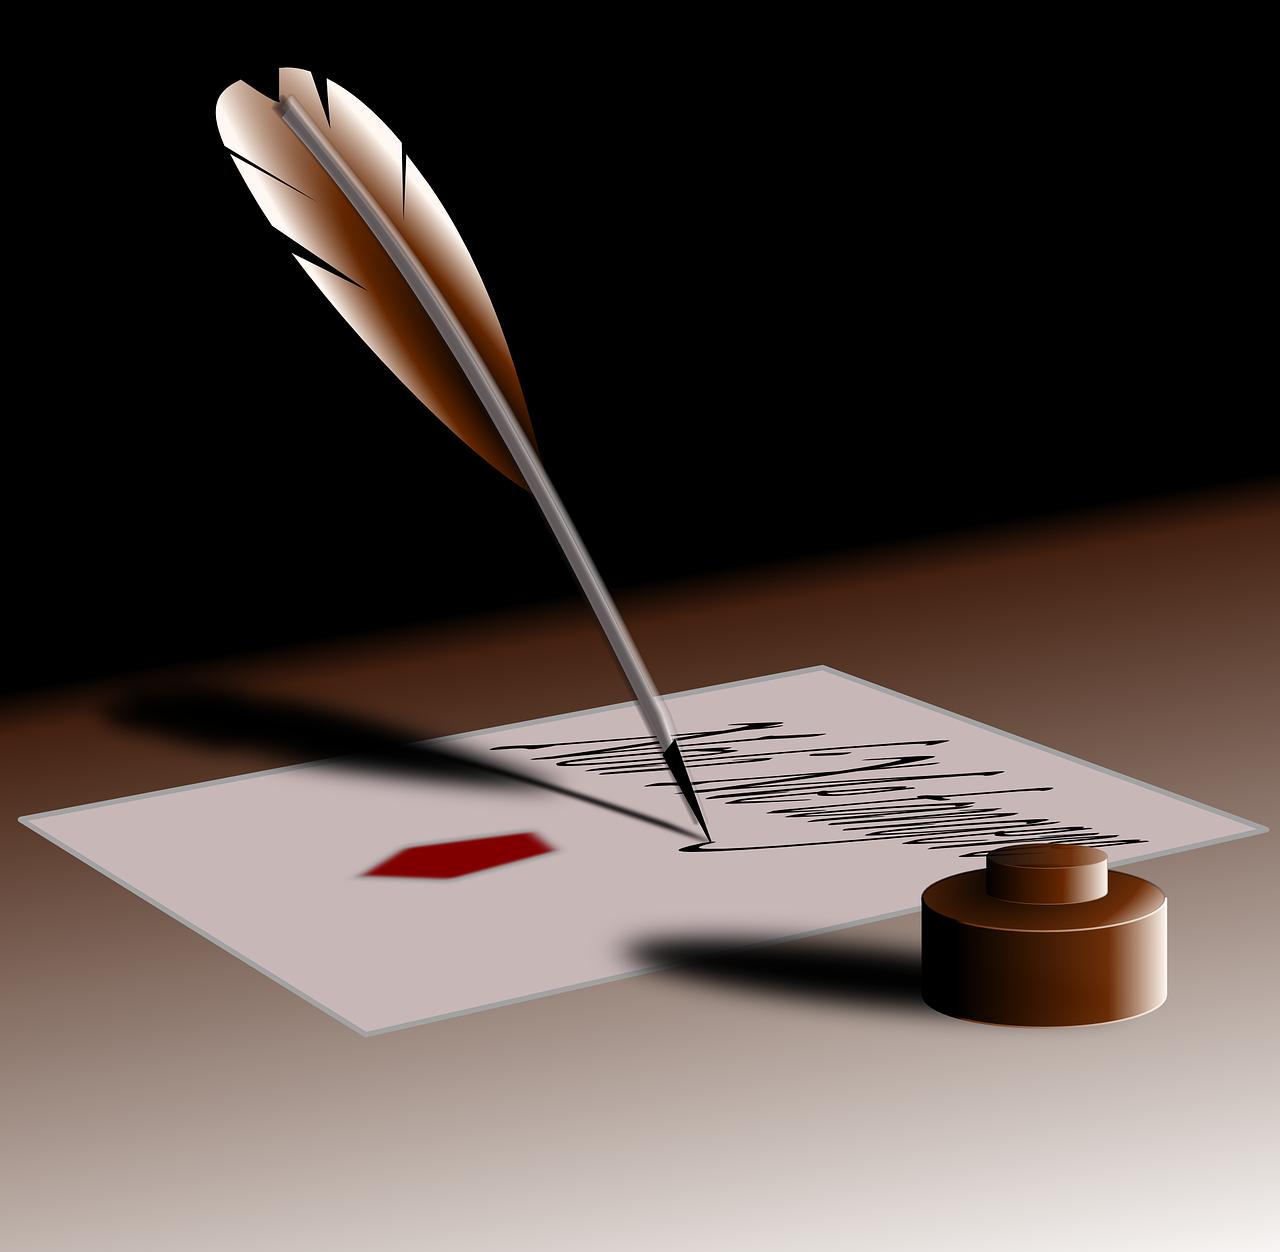 Tintával írás illusztráció